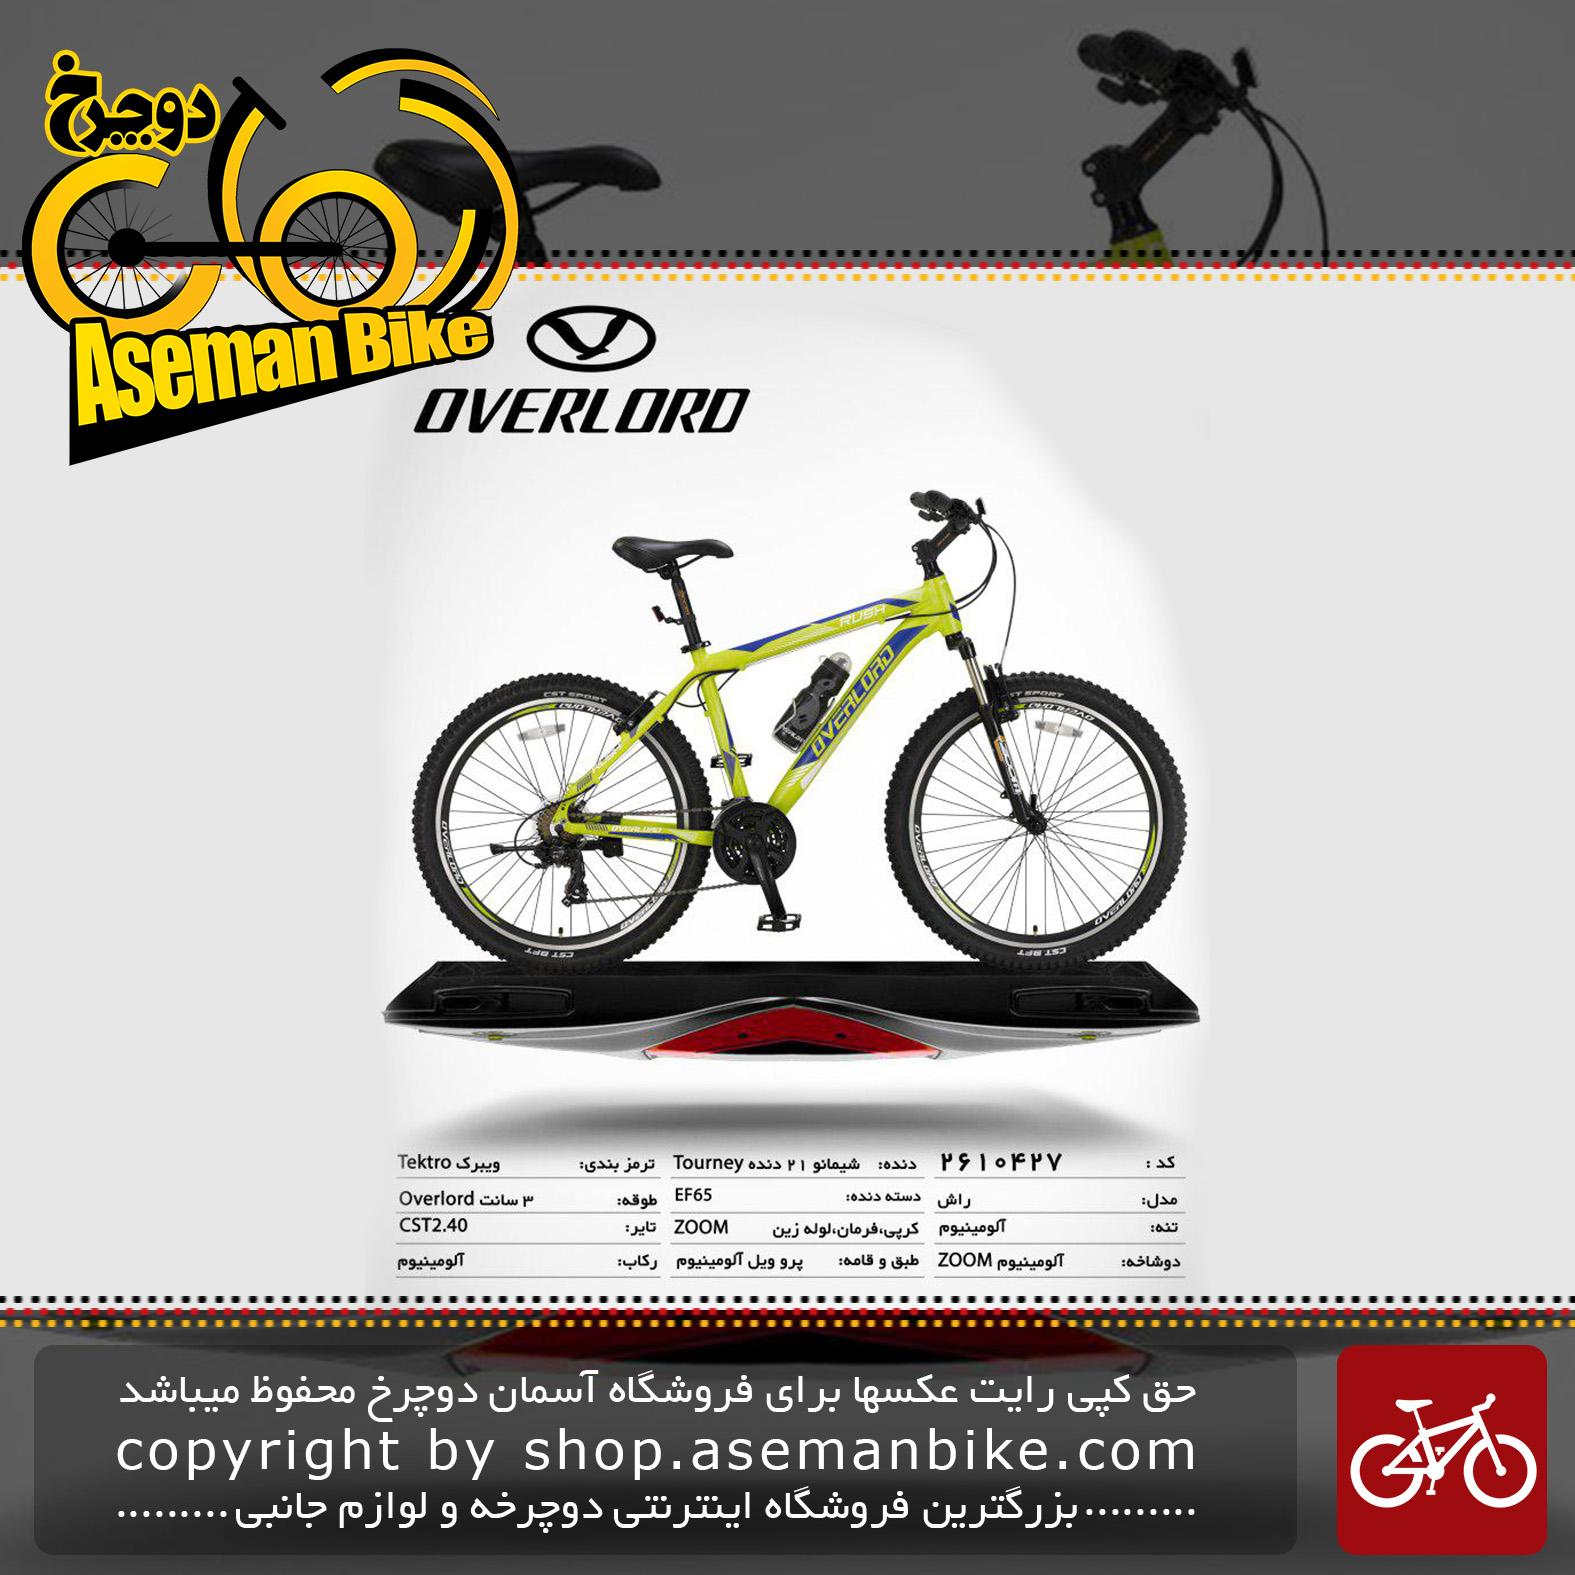 دوچرخه کوهستان شهری اورلرد مدل راش 21 دنده شیمانو تورنی سایز 26 ساخت تایوان OVERLORD Mountain City Taiwan Bicycle RUSH 26 2019